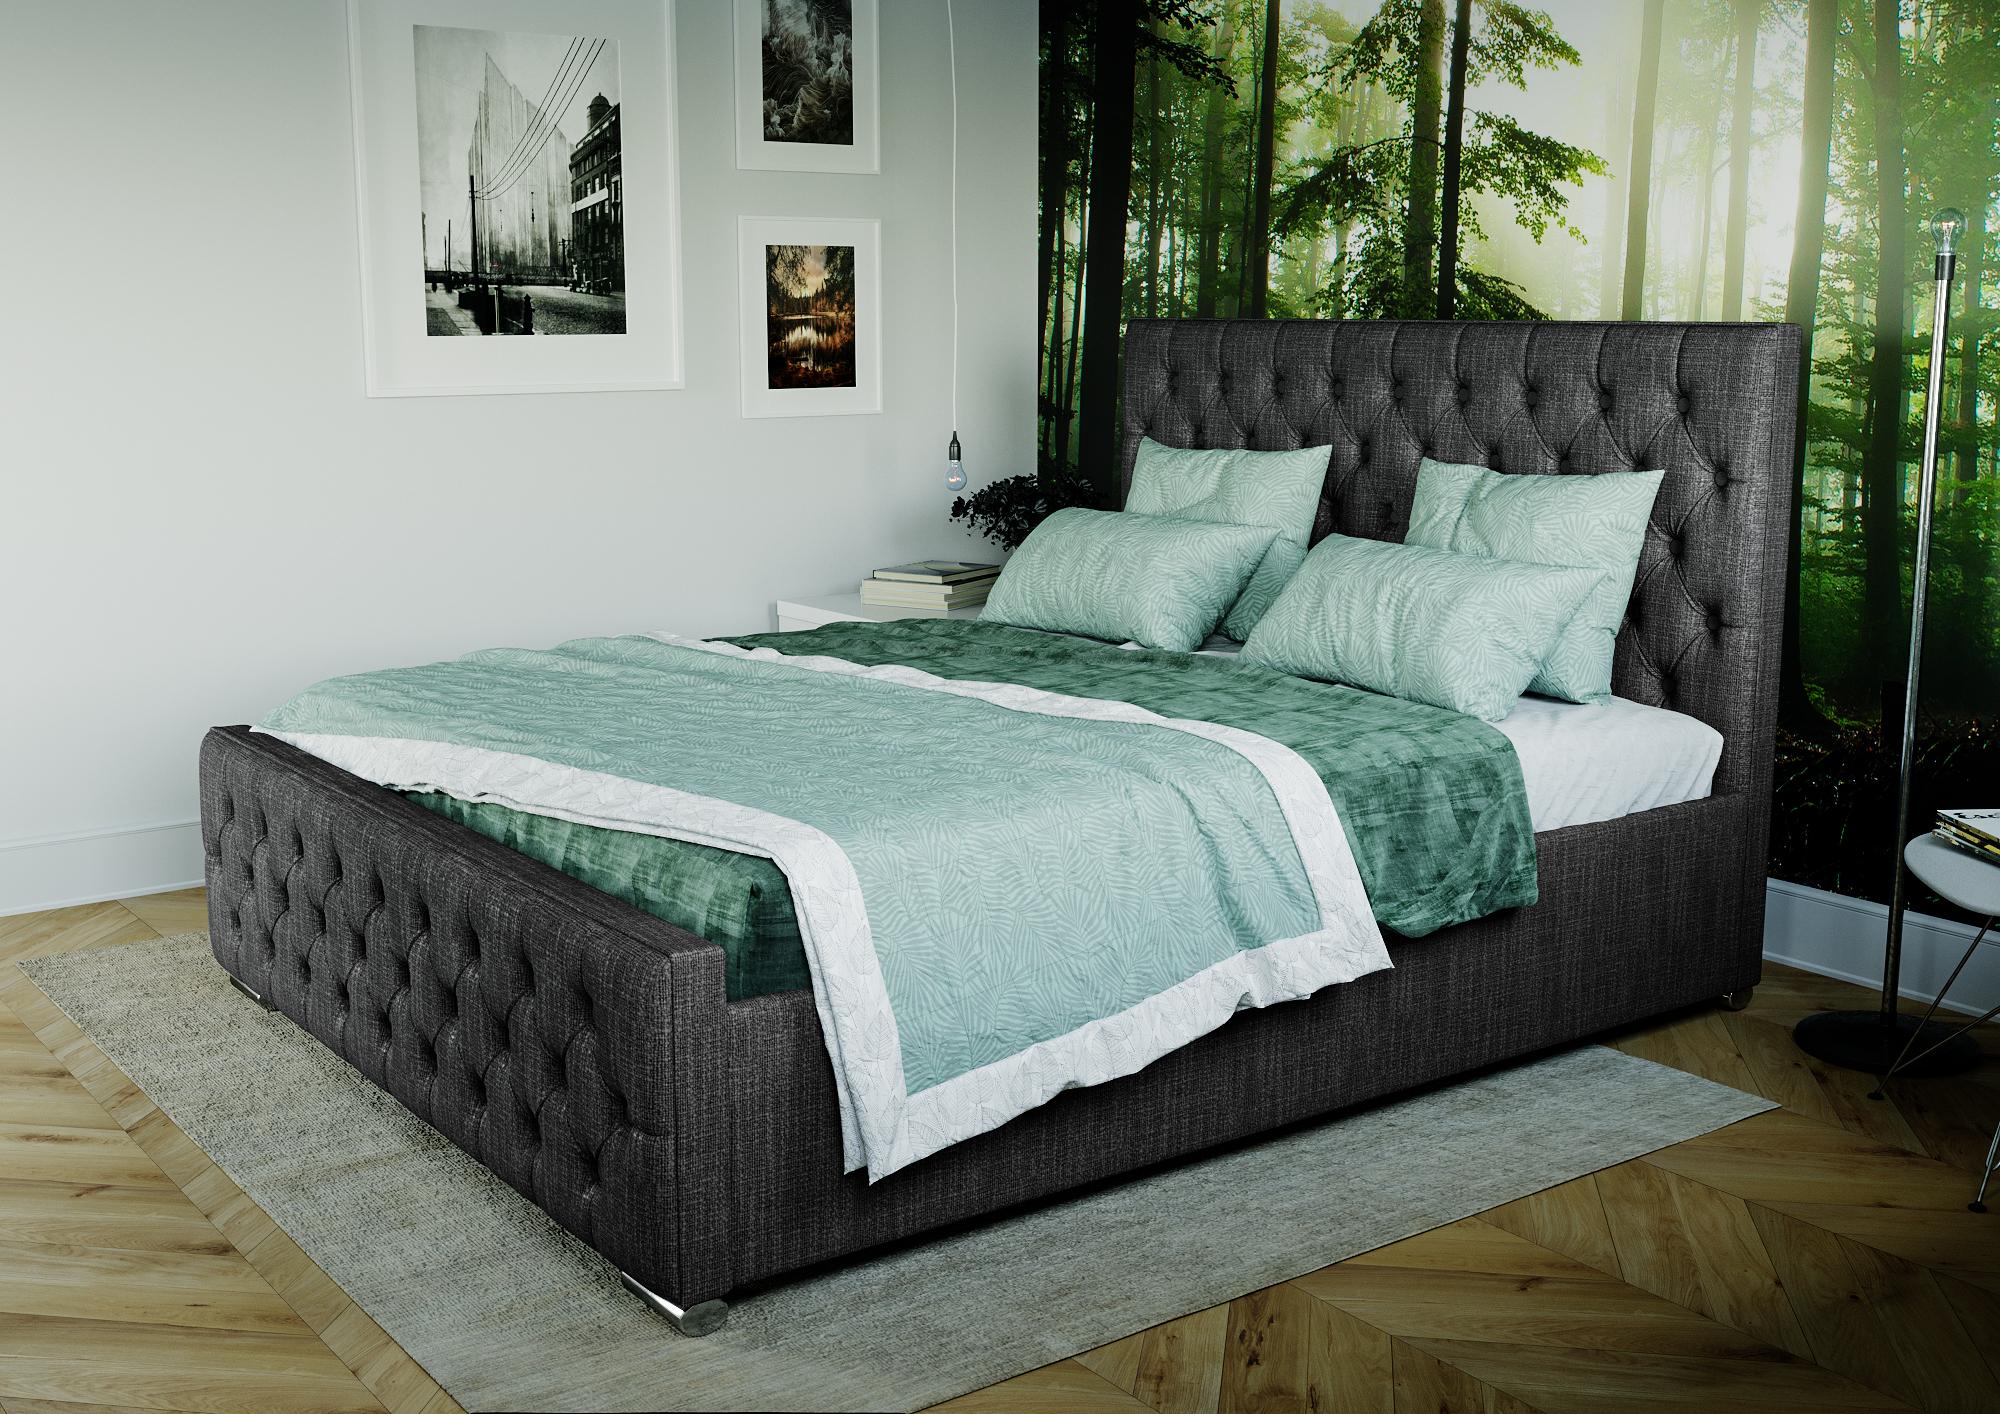 łóżko Tapicerowane Pikowane Z Materacem Do Sypialni Gamma 160x200